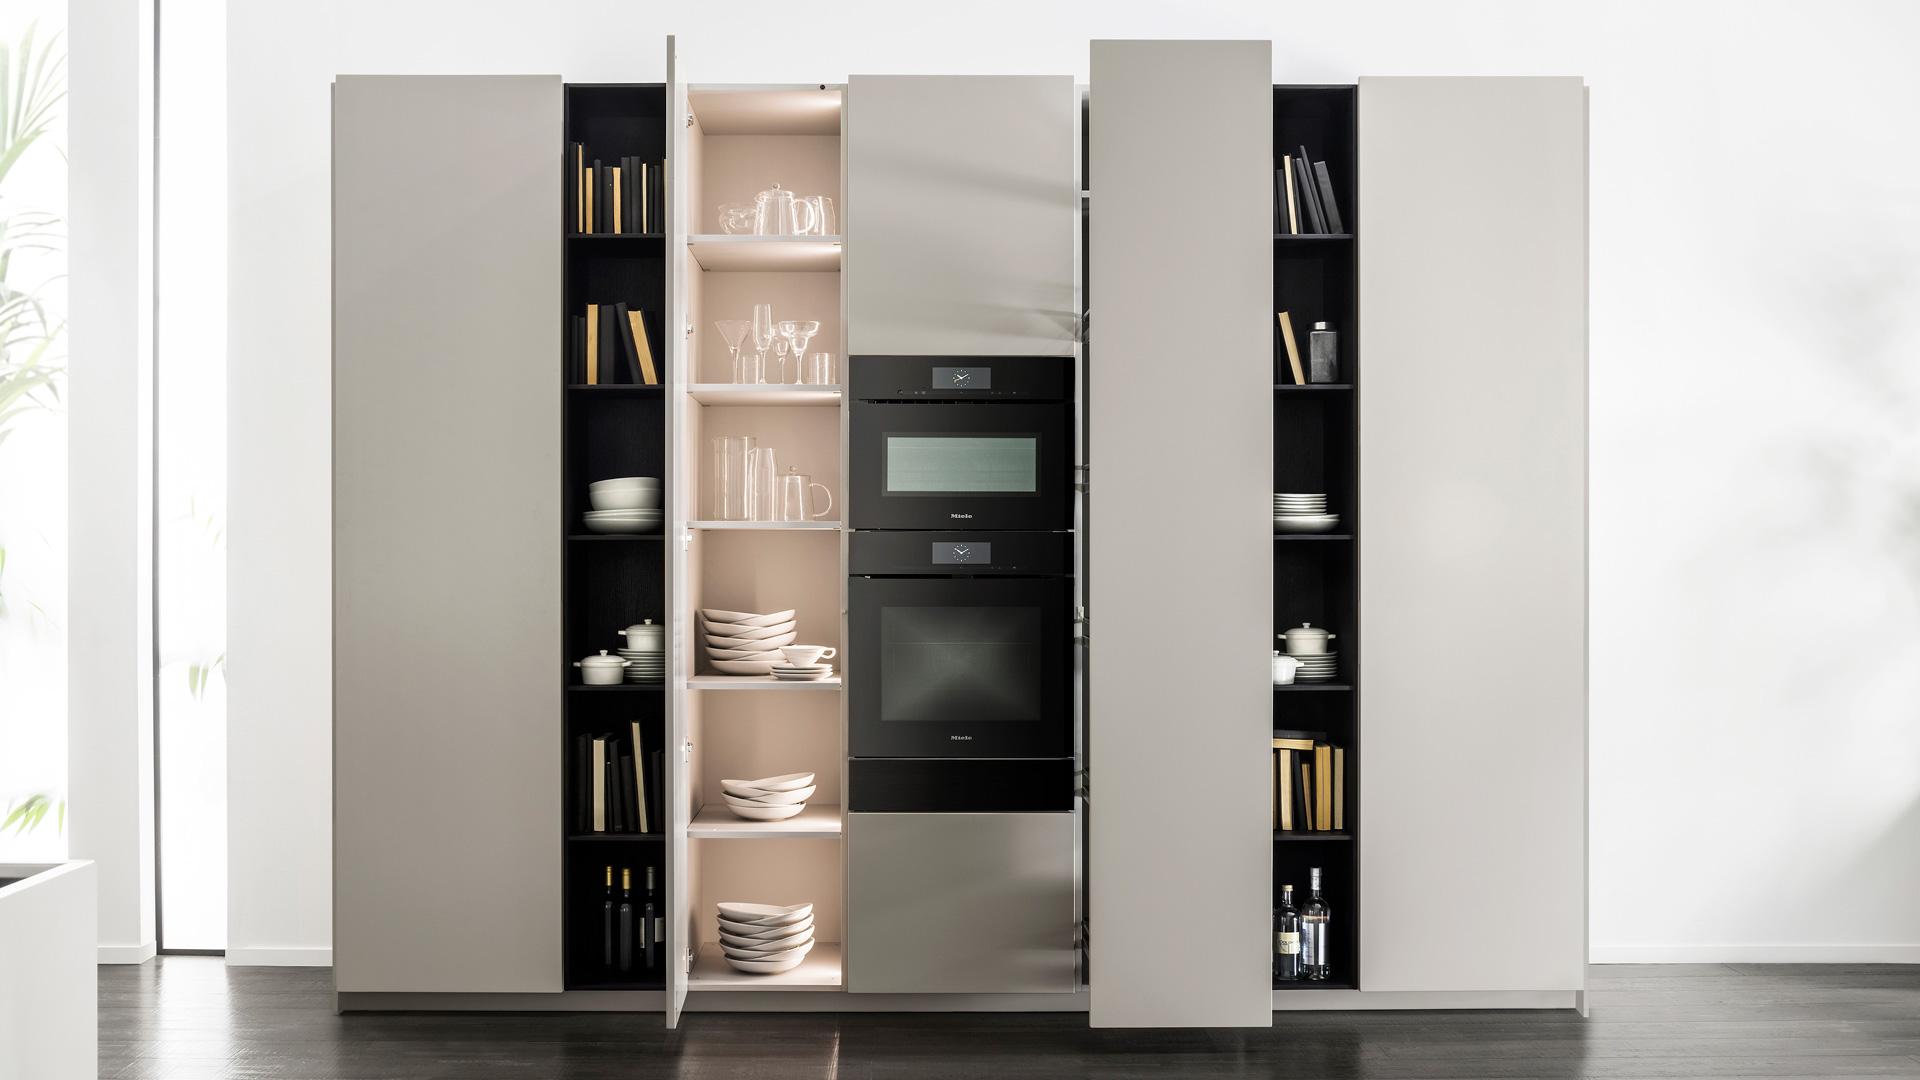 Cucina design con penisola composizione D90+ - D90_brandsite-gallery_04